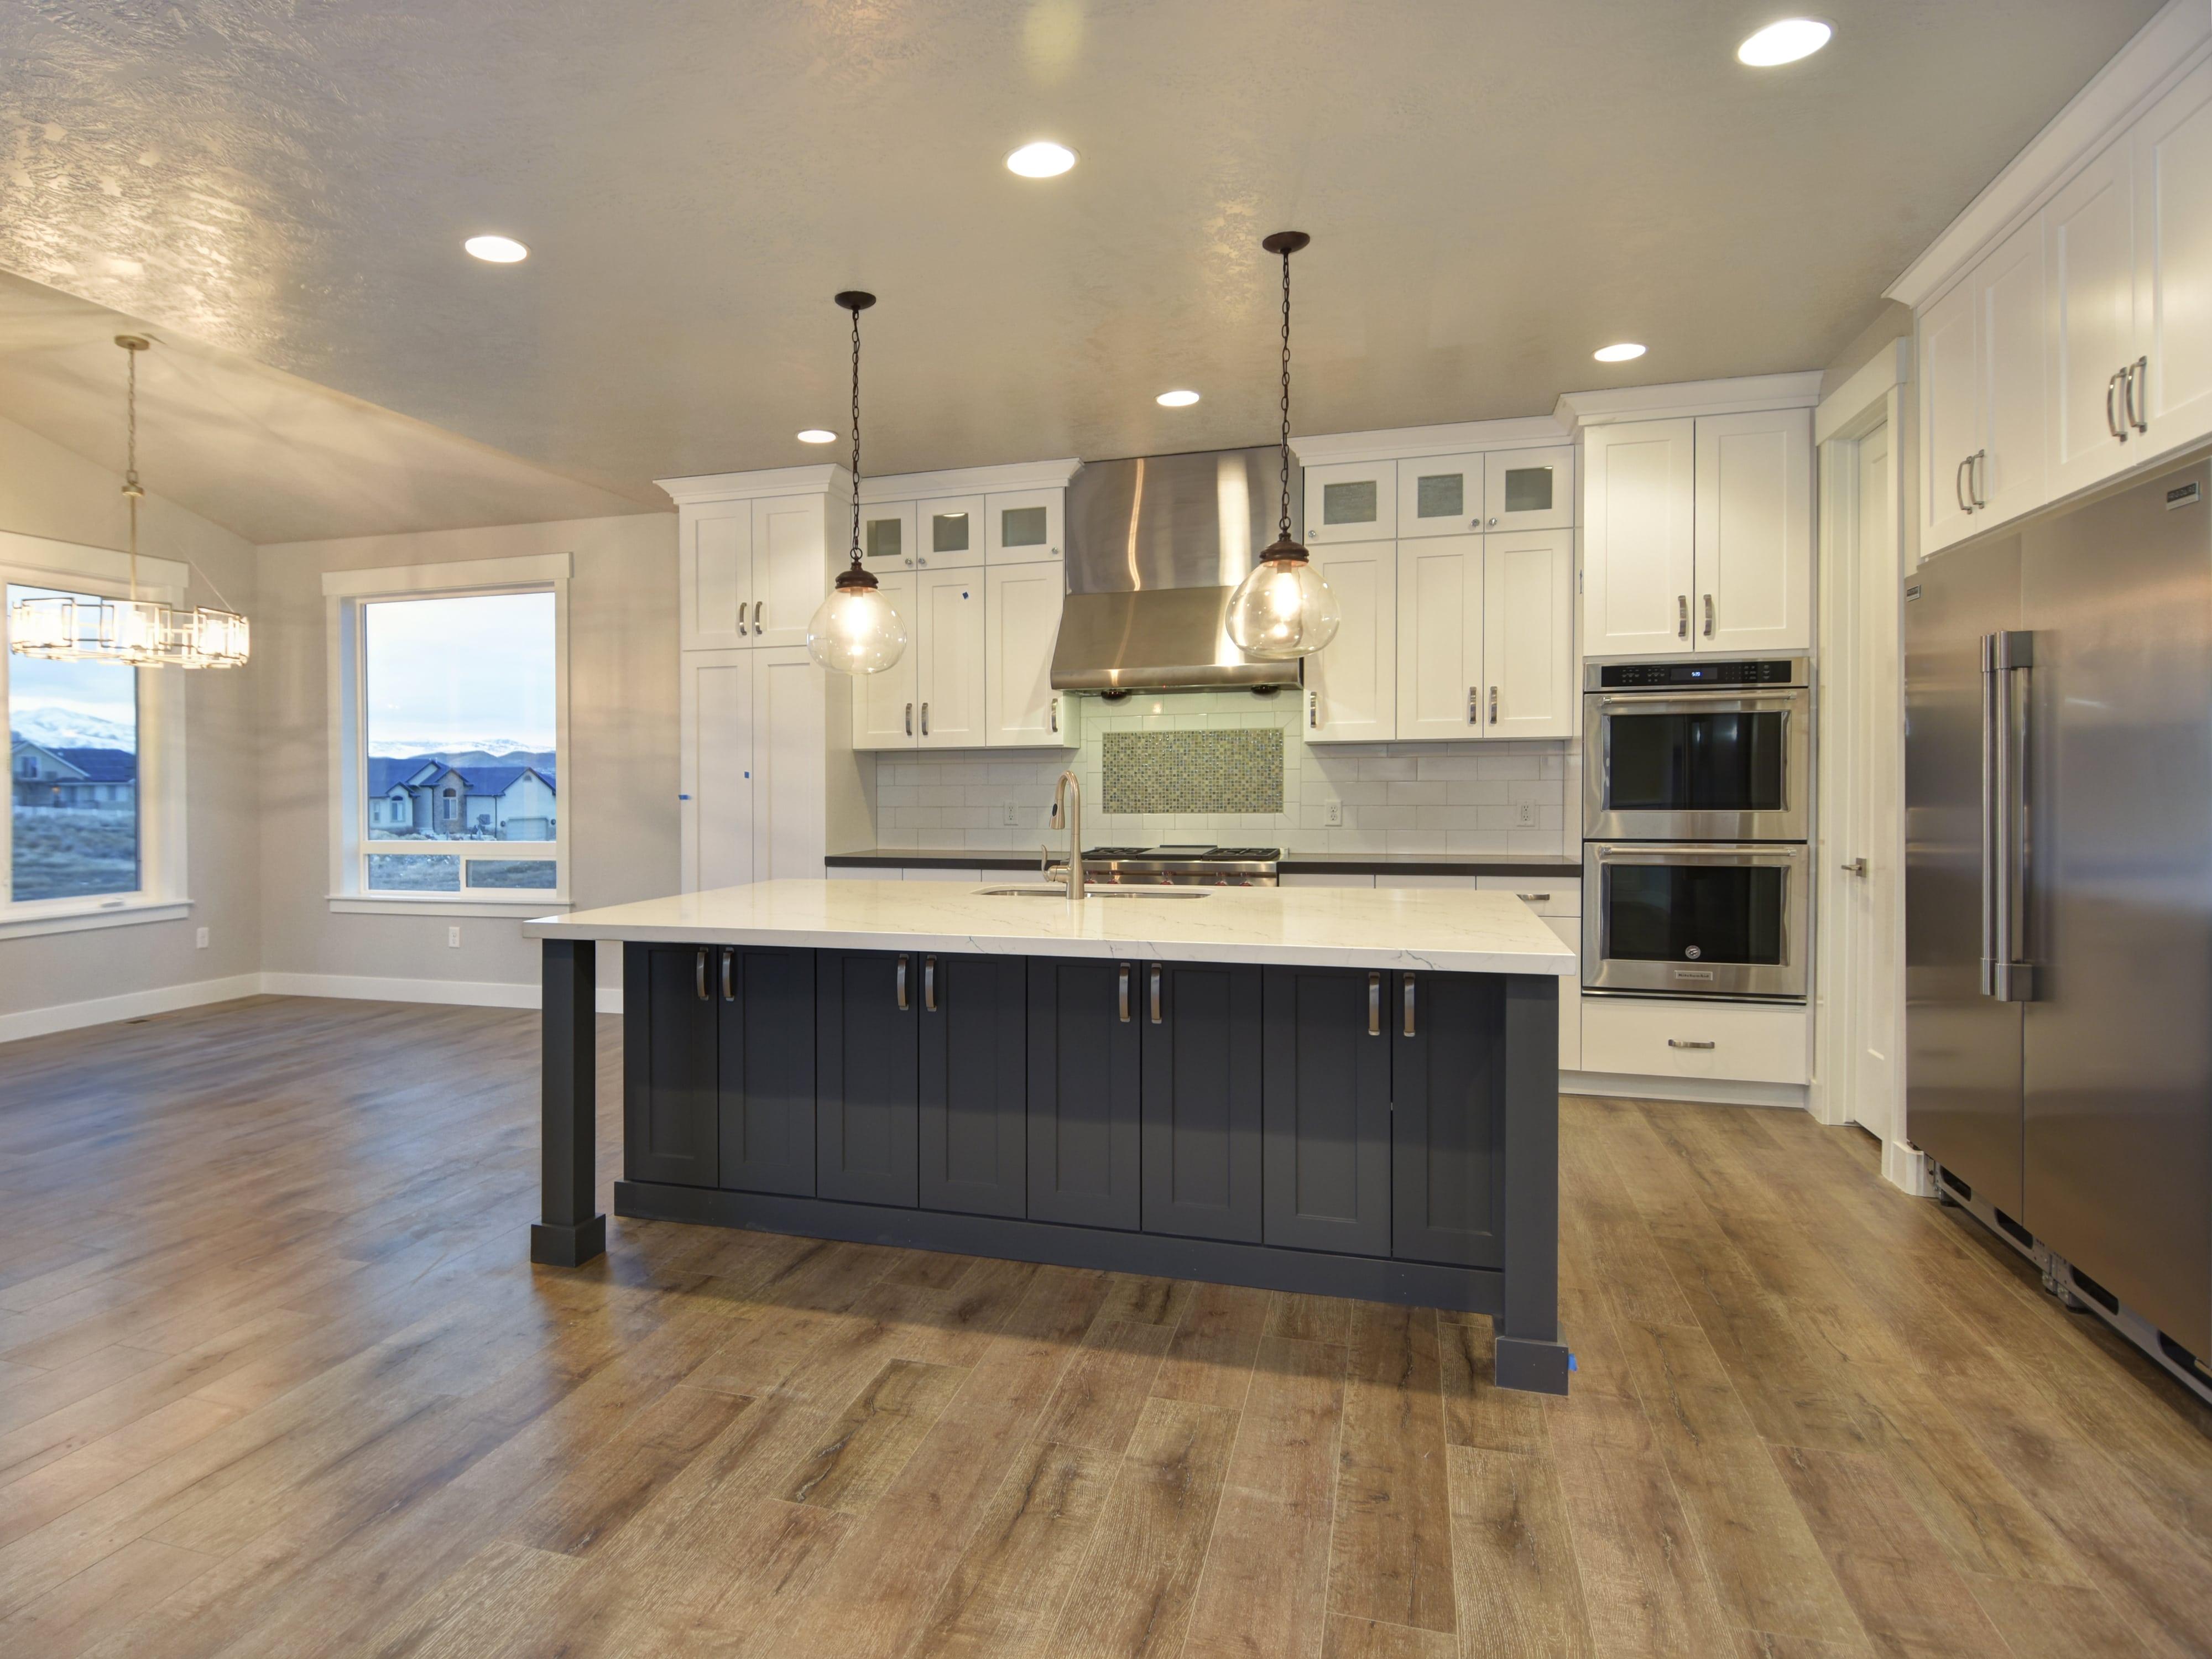 Utah homes for sale lightyear homes new homes for sale utah utah home